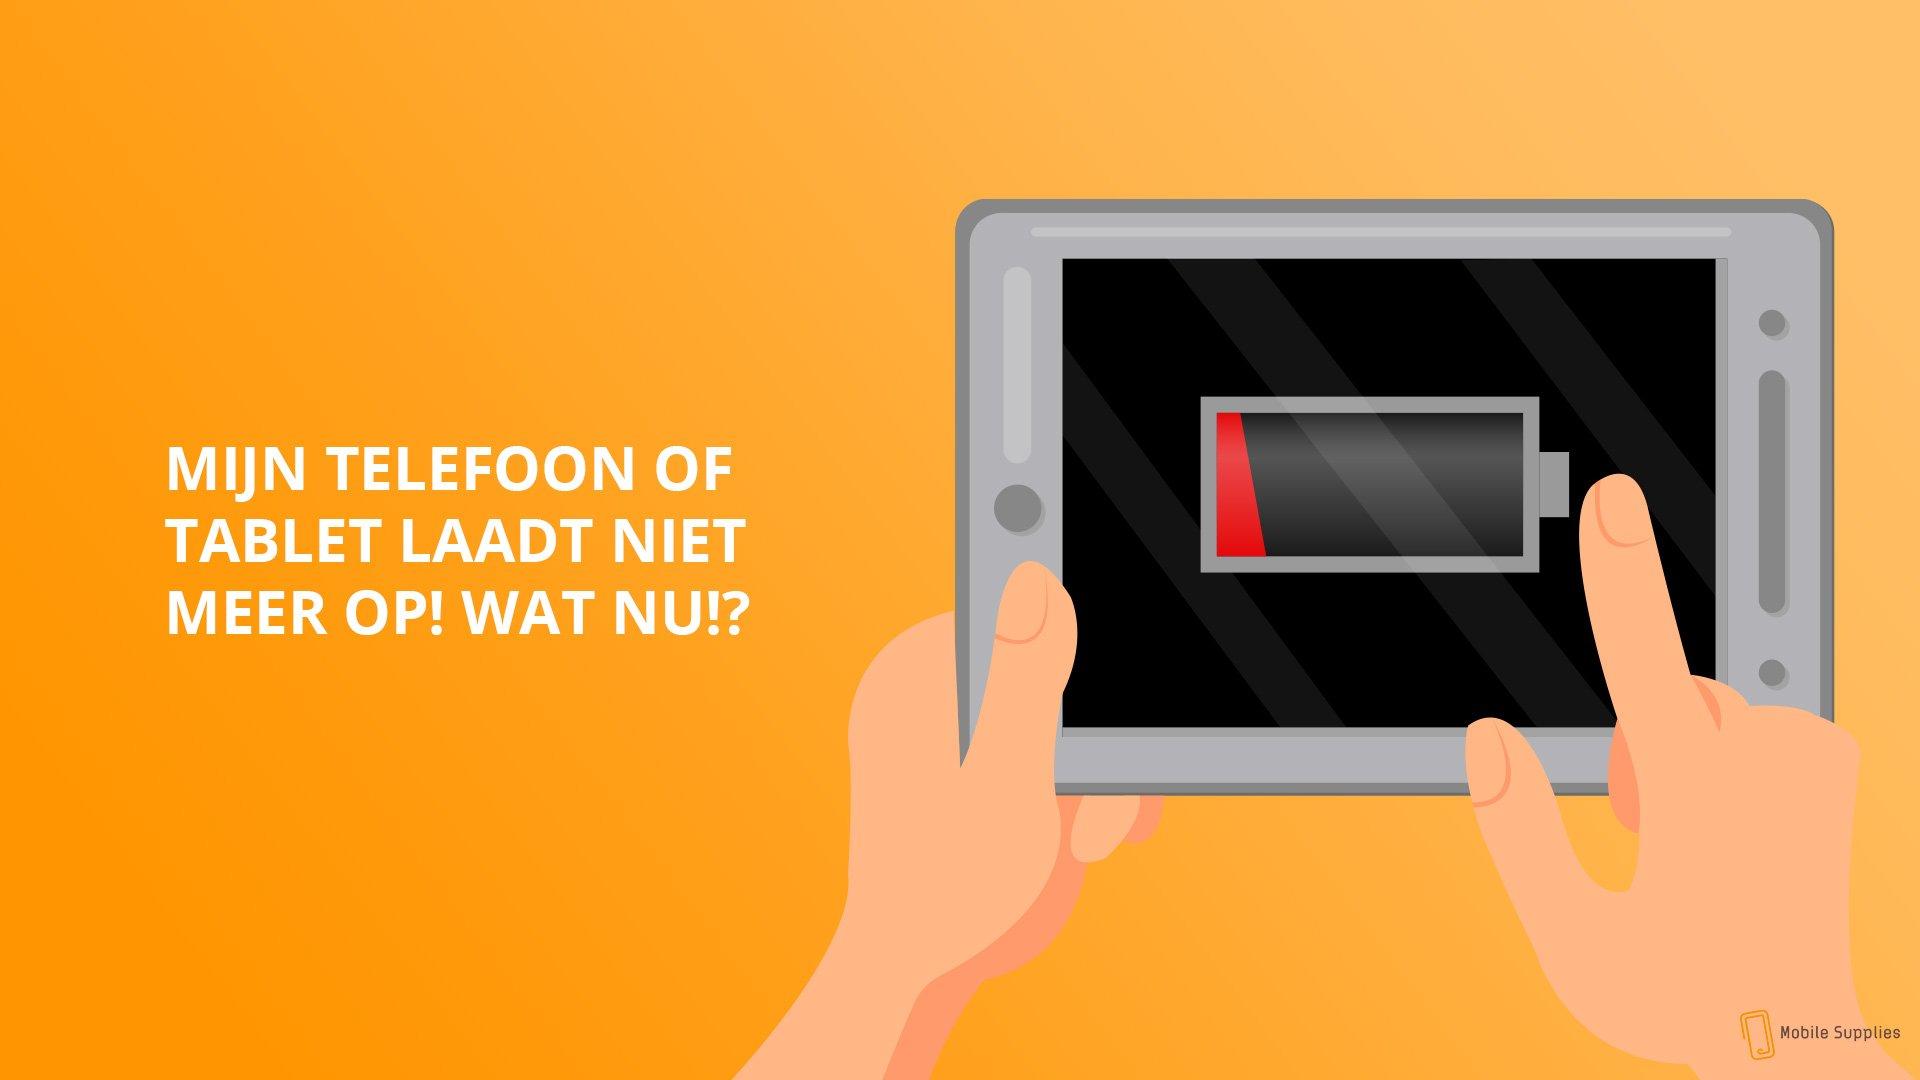 Mijn telefoon of tablet laadt niet meer op: wat nu?